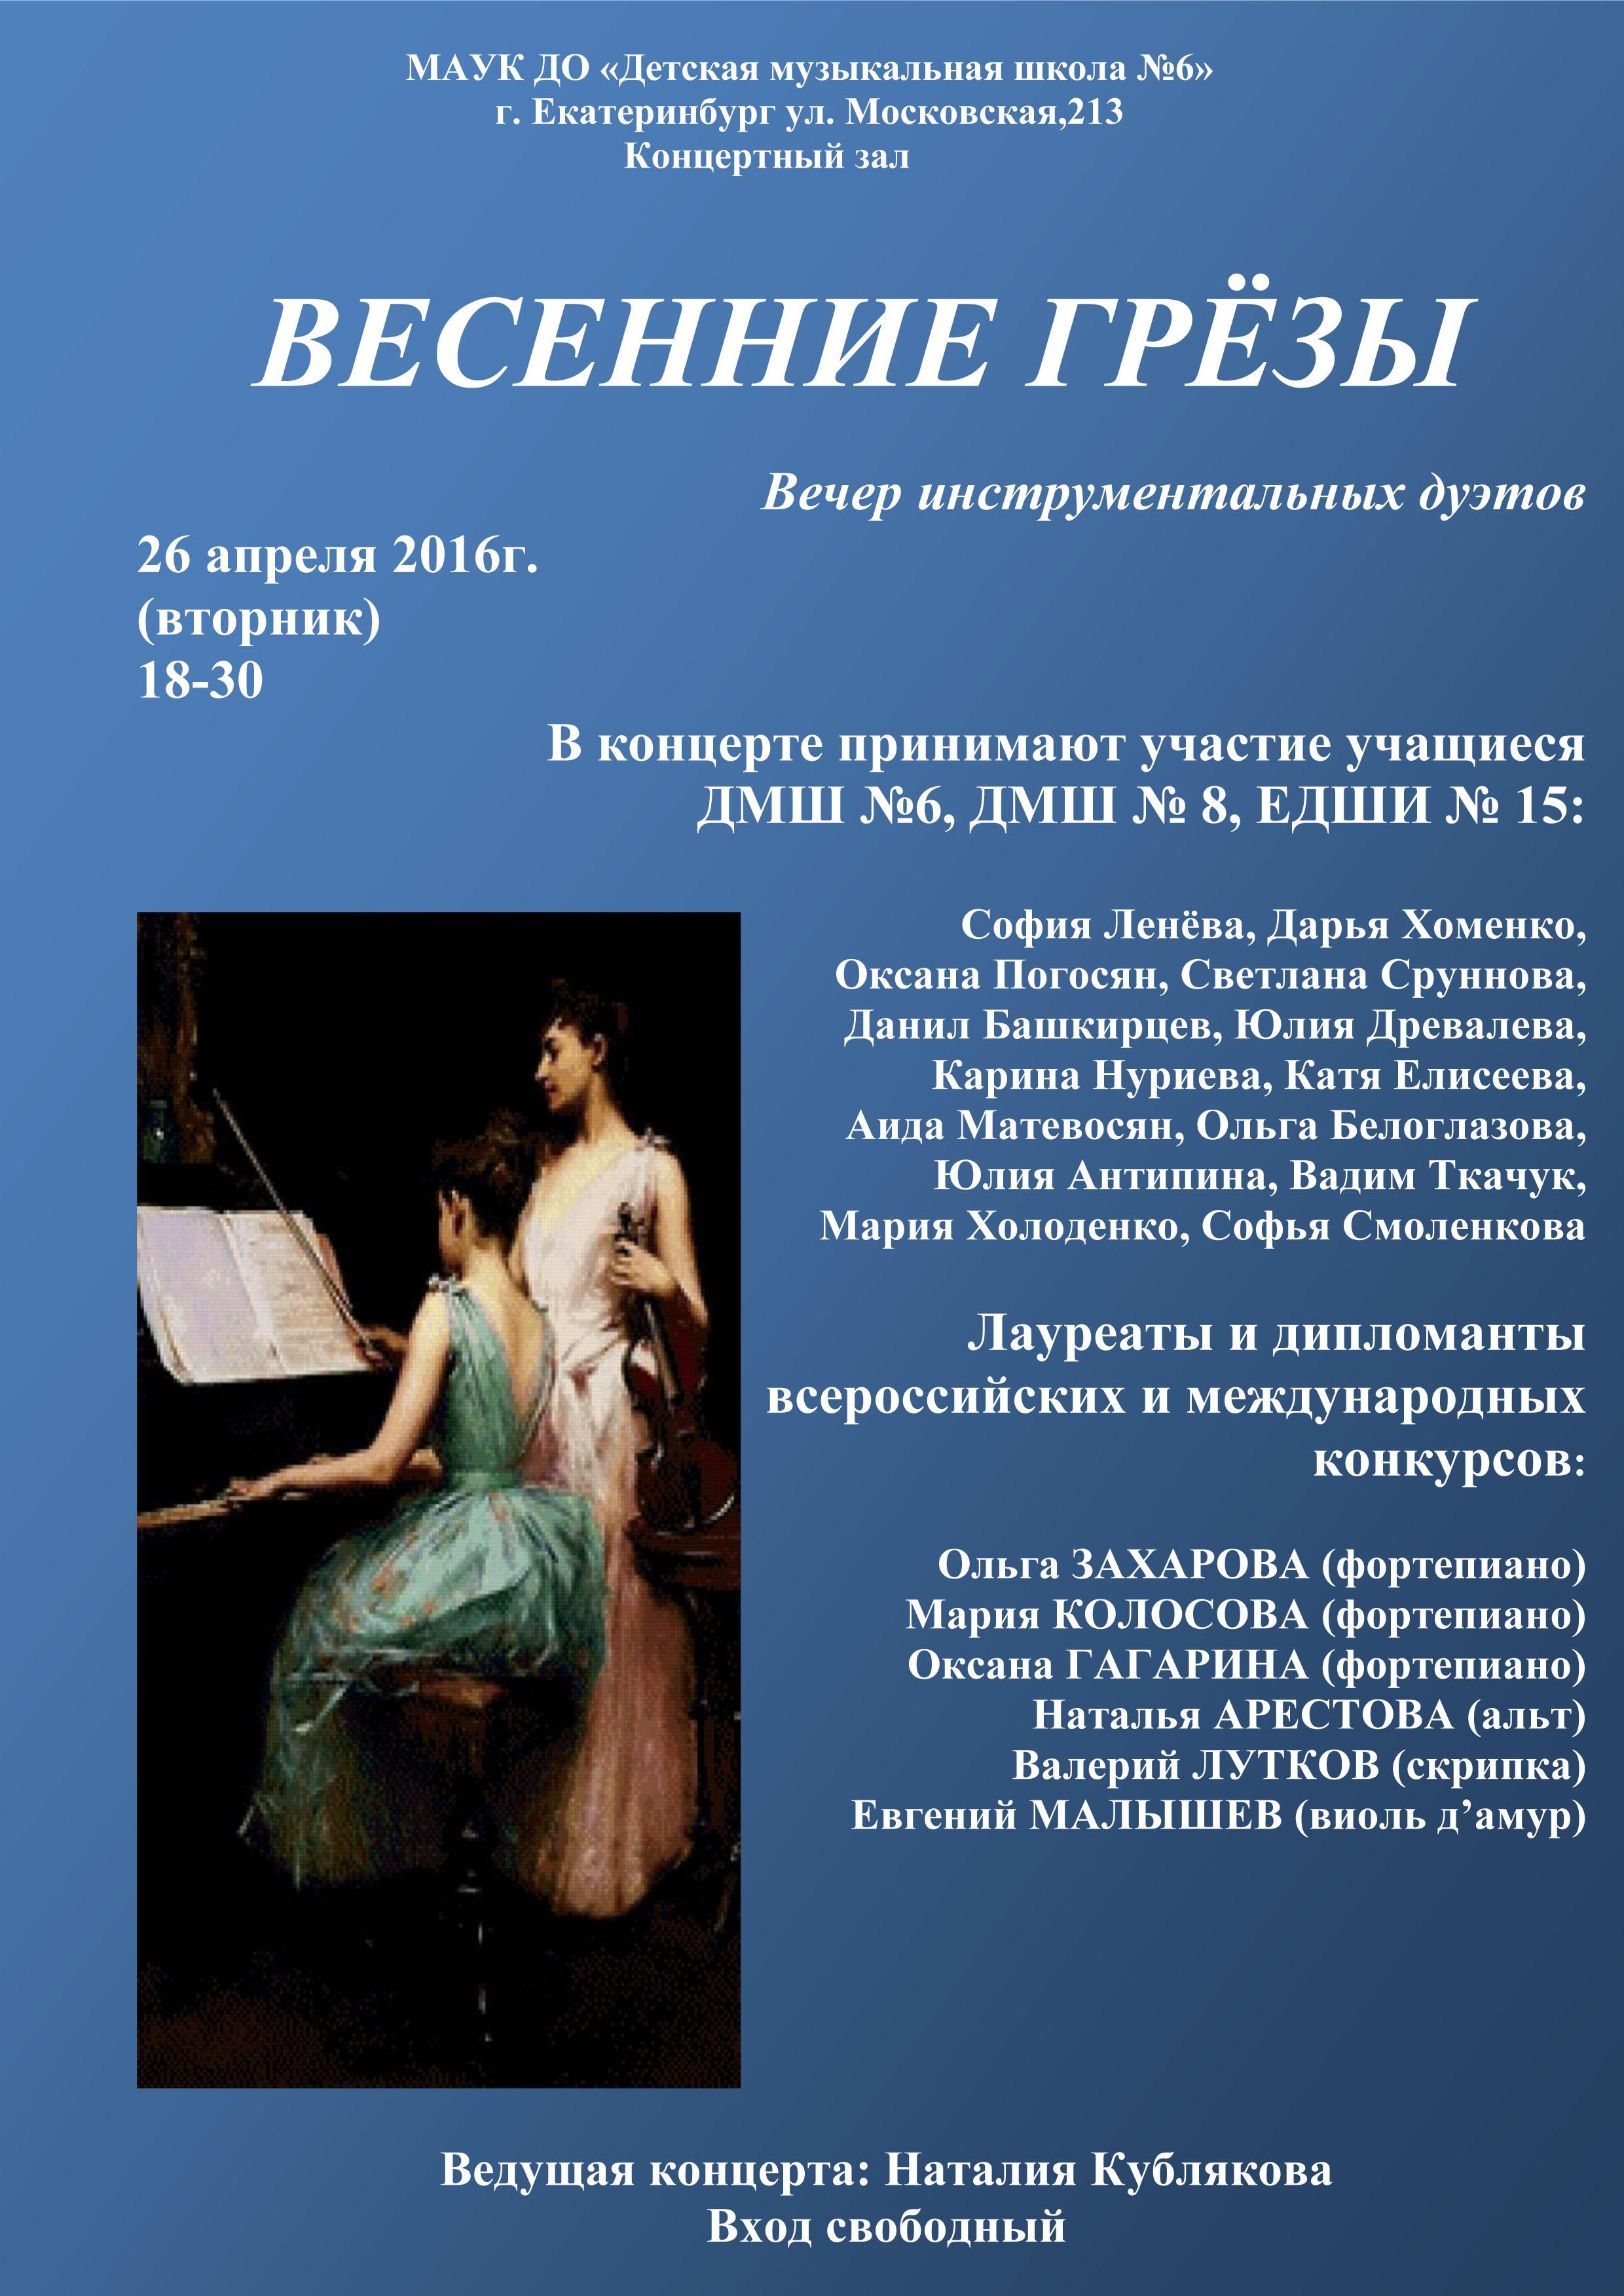 Концерт инструментальных ансамблей